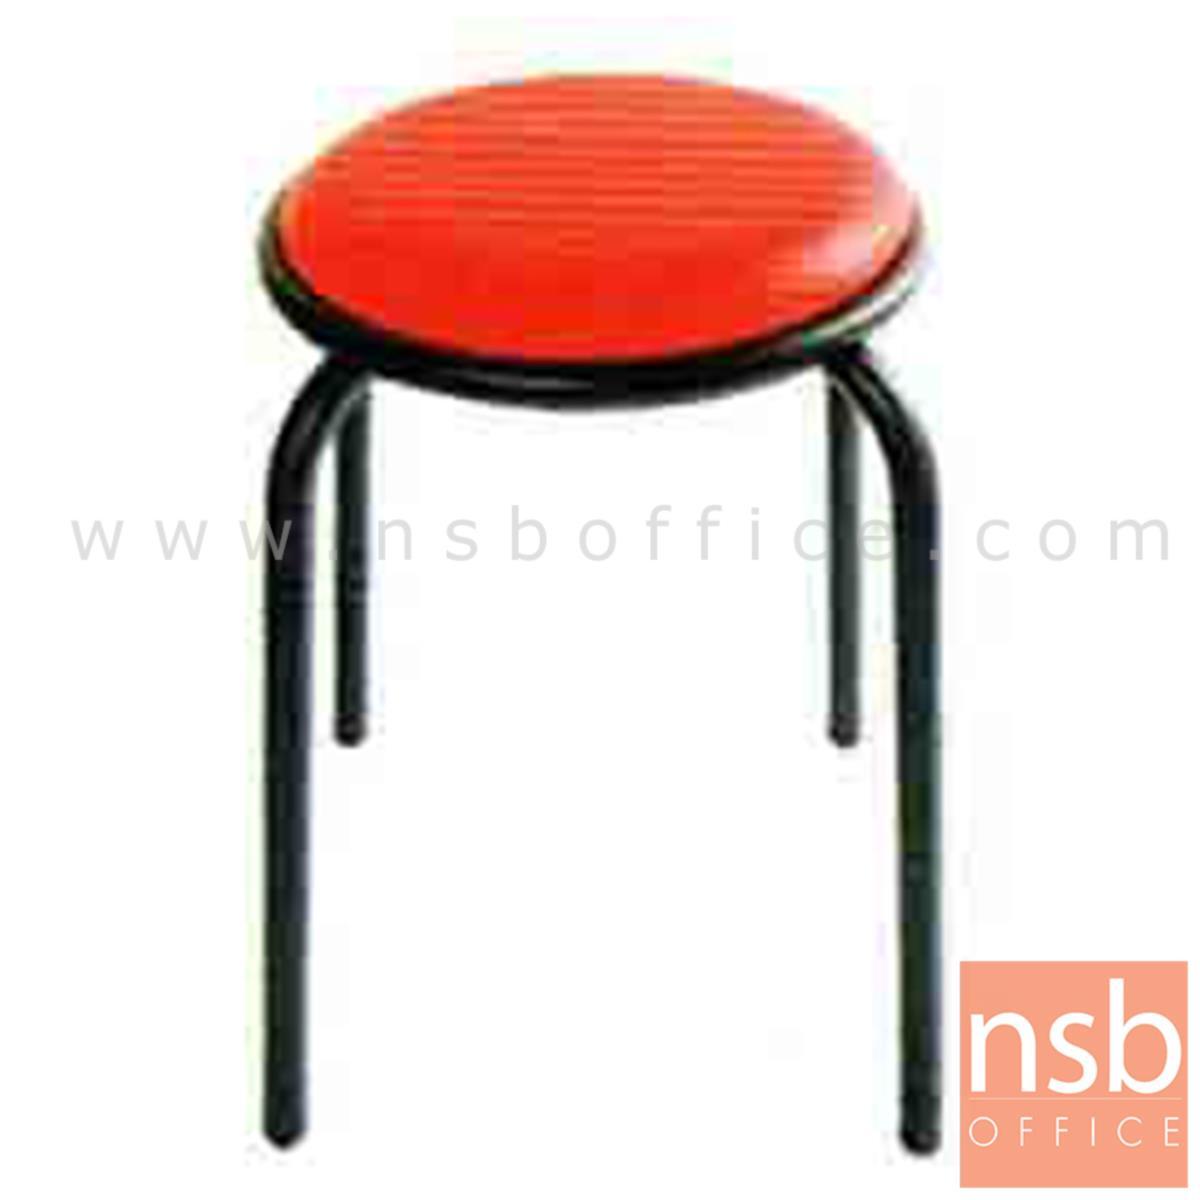 B09A014:เก้าอี้สตูลกลมที่นั่งหุ้มหนังเทียม รุ่นเหล็กหนาพิเศษ ขนาด 36Di*49H cm. ขาเหล็ก